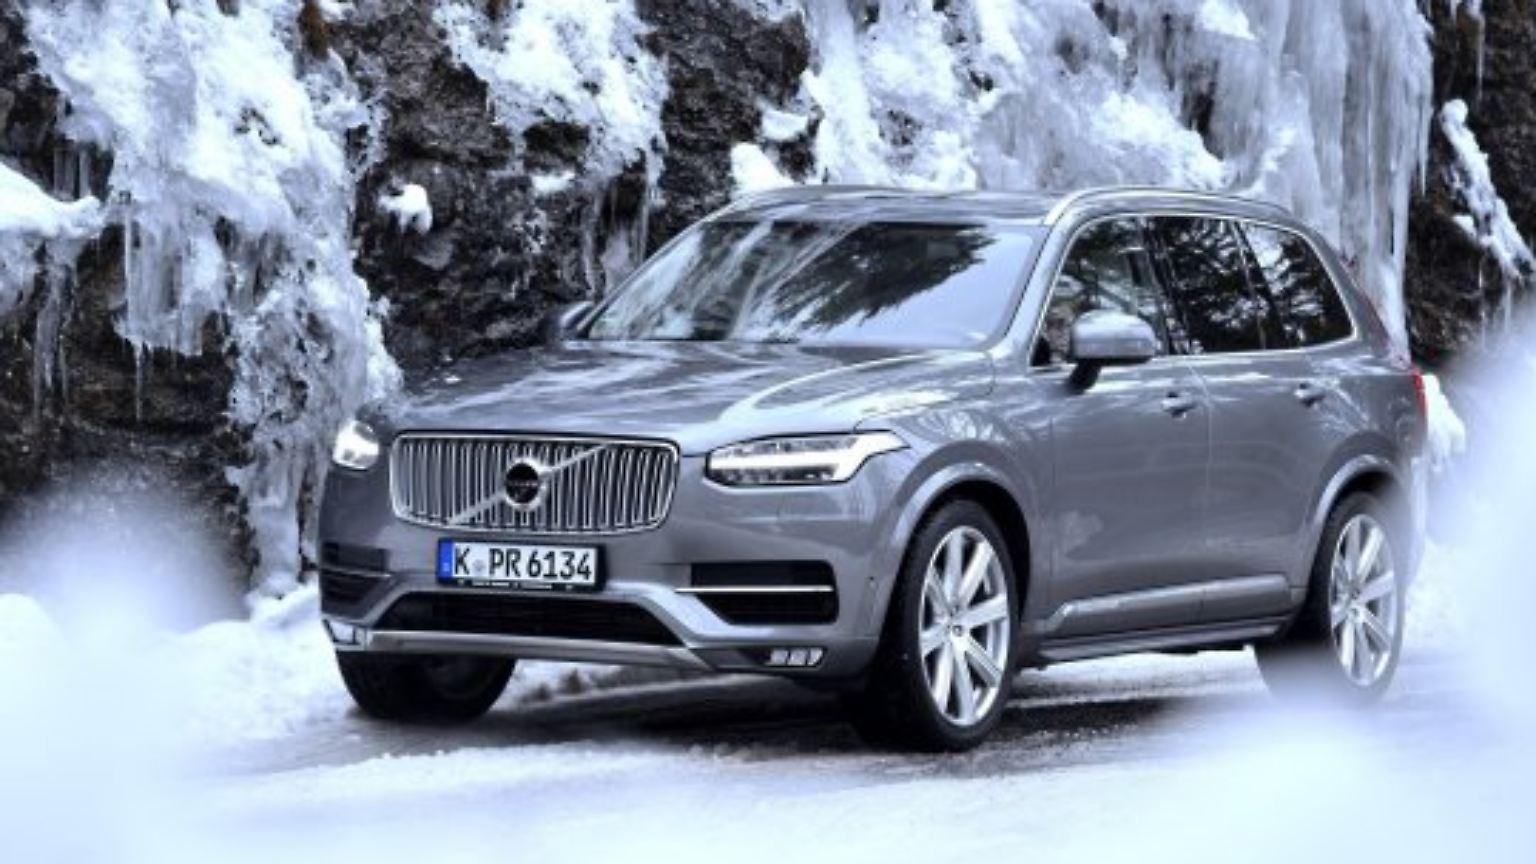 Praxistest In Den Bergen Volvo Xc90 Ist Auch Im Winter